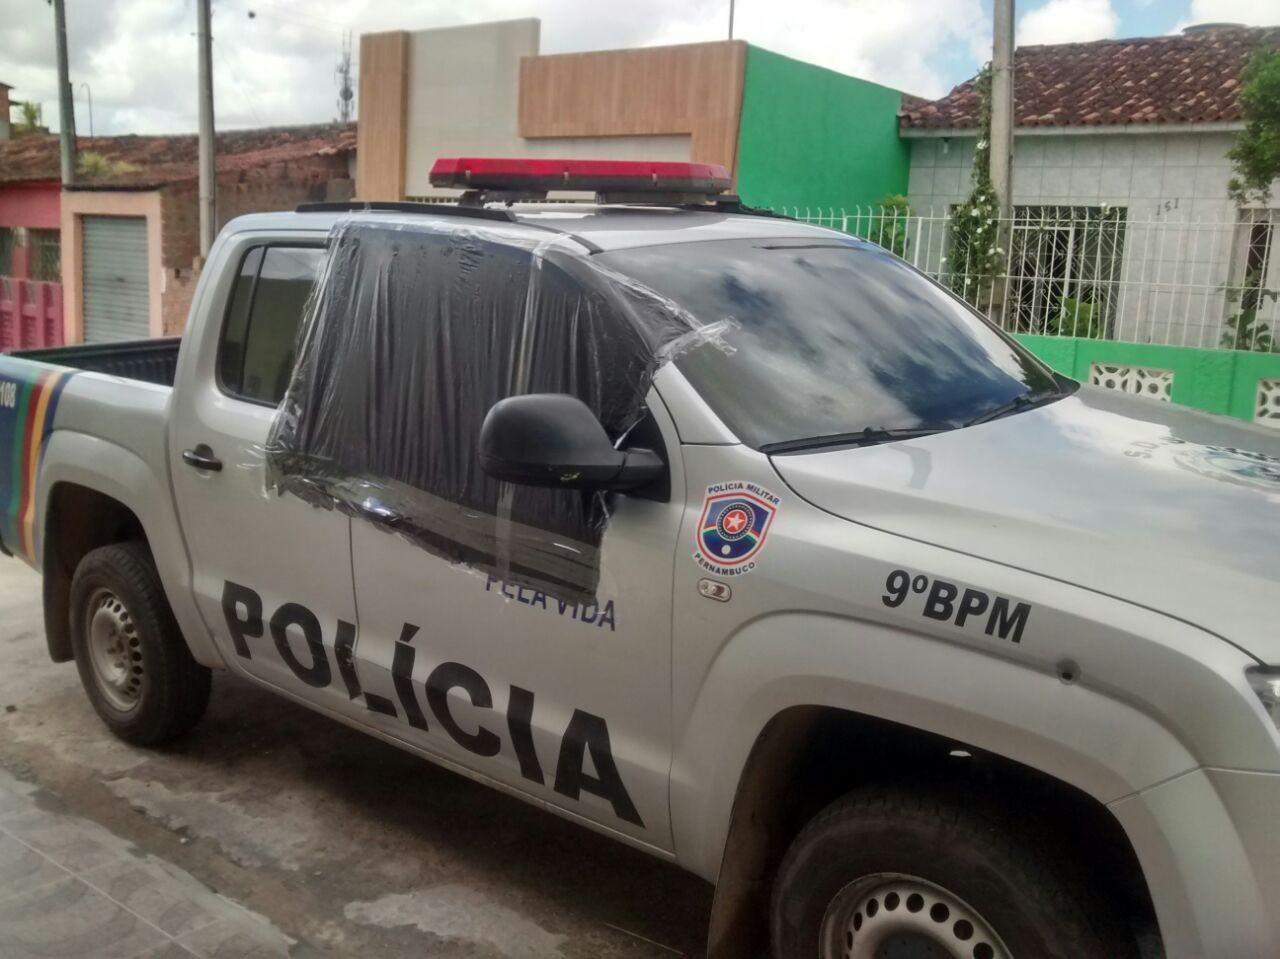 Viatura cujo interior foi incendiado em Lajedo, Pernambuco (Foto: Arquivo/ Blog Agreste Violento)